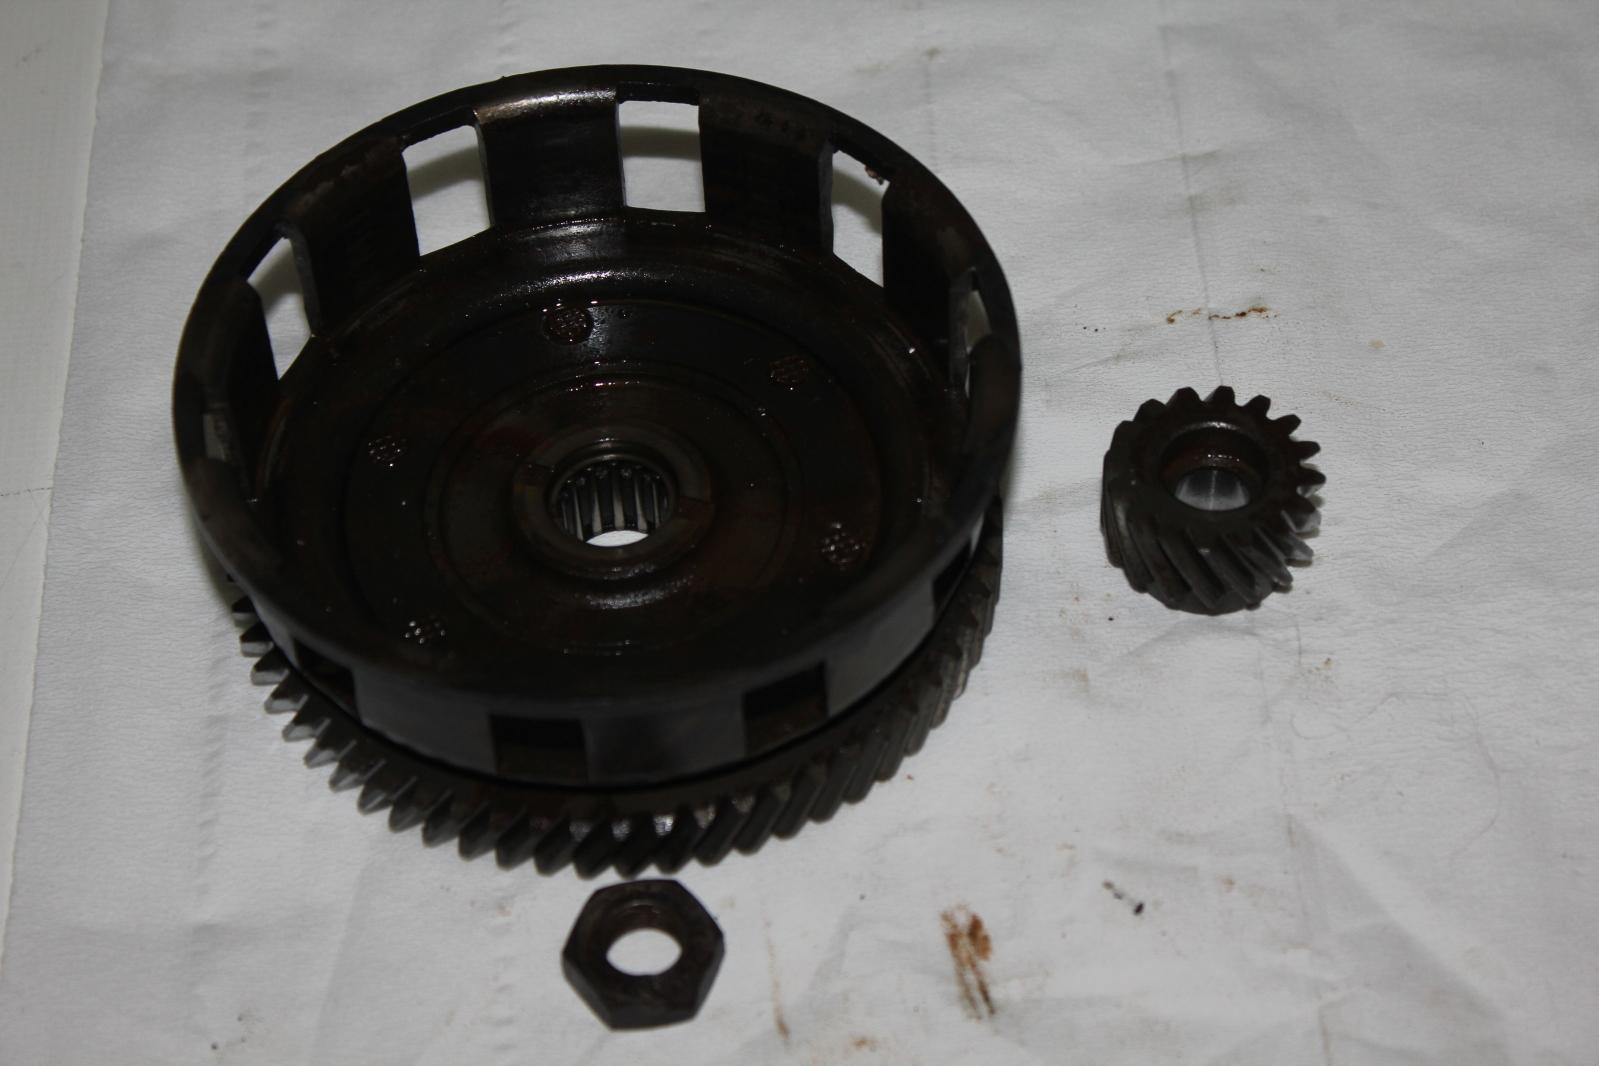 Mejoras en motores P3 P4 RV4 DL P6 K6... - Página 4 15re1yt